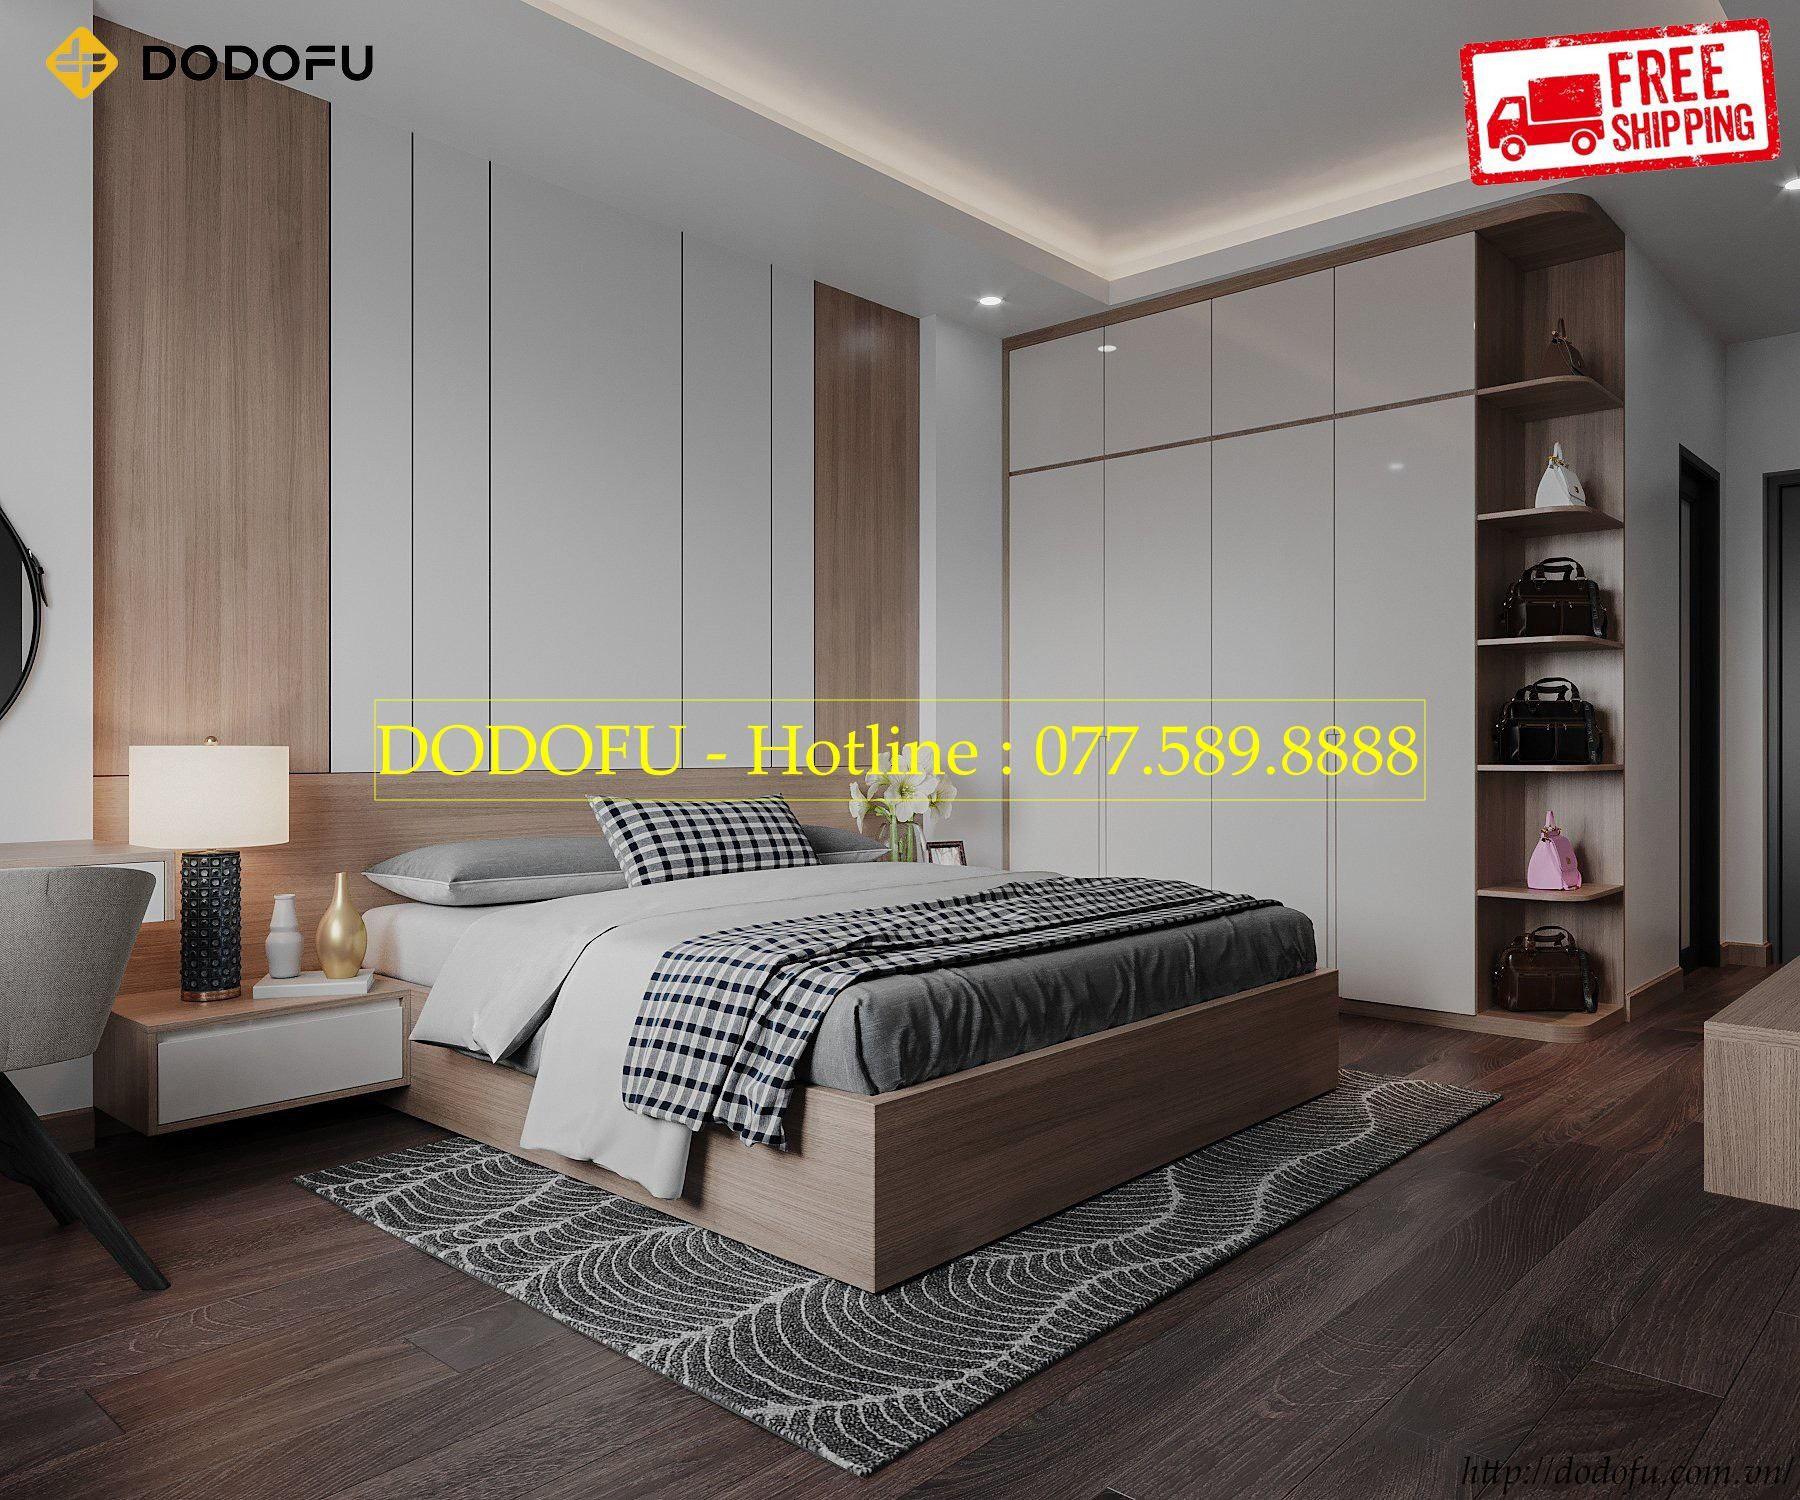 thiết kế nội thất phòng ngủ nhà phố anh Hoàng Hải Phòng